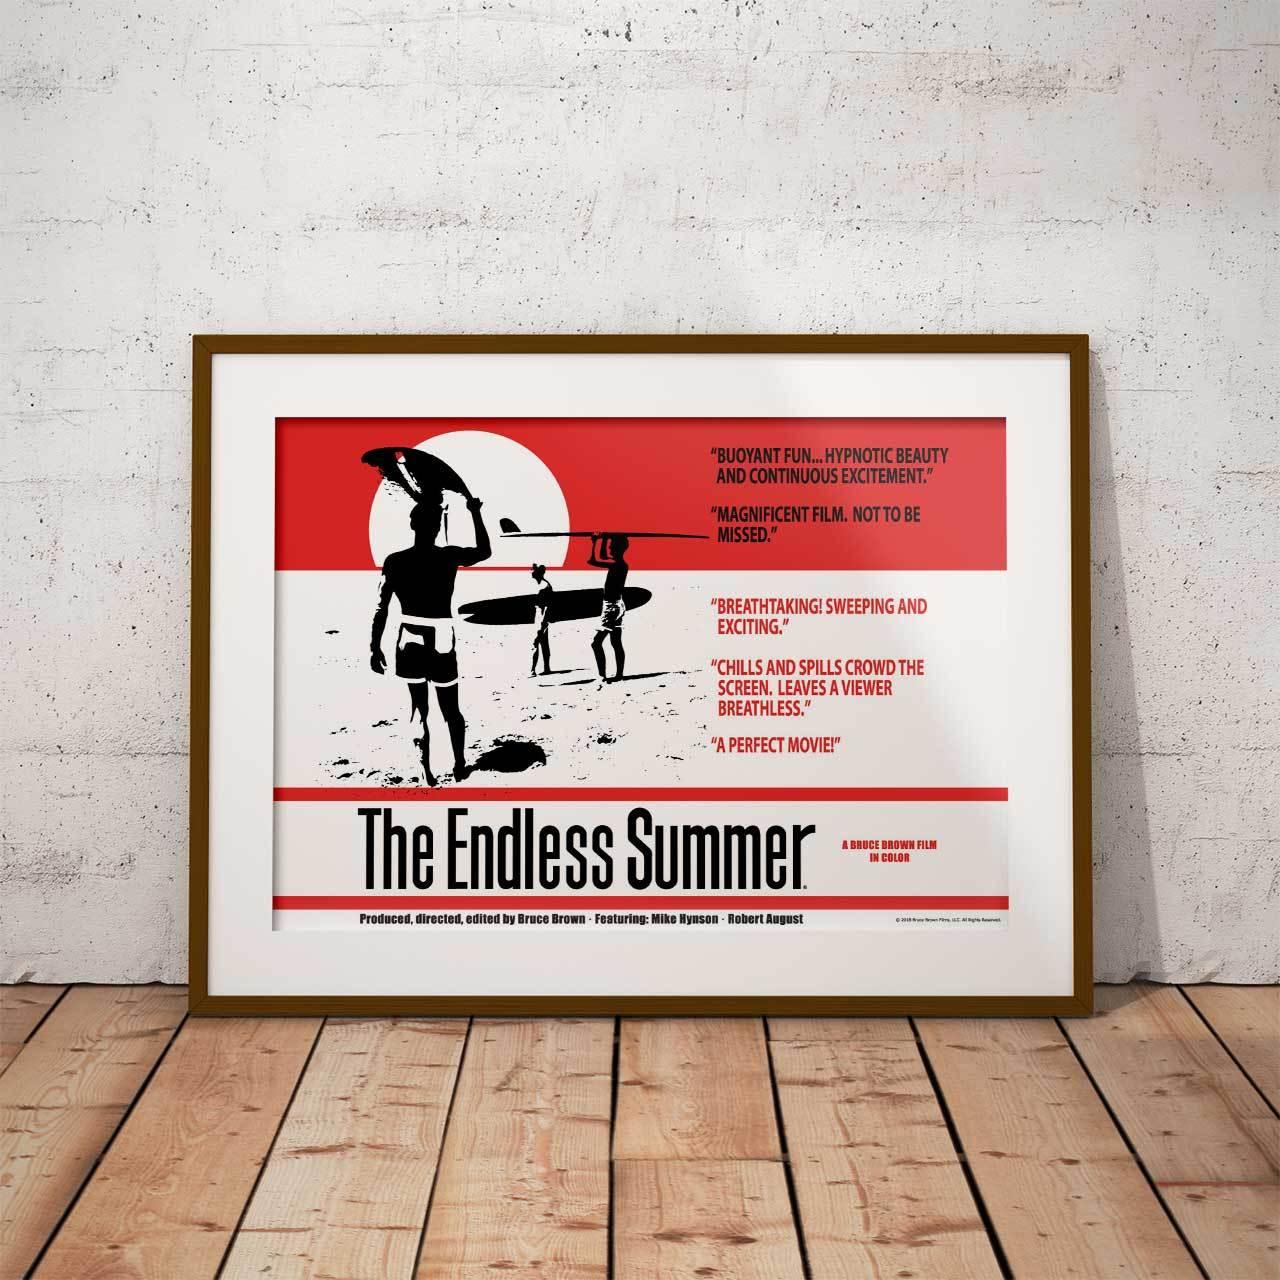 サーフィン映画A3ポスター・The Endless Summer (エンドレスサマー)・レッド